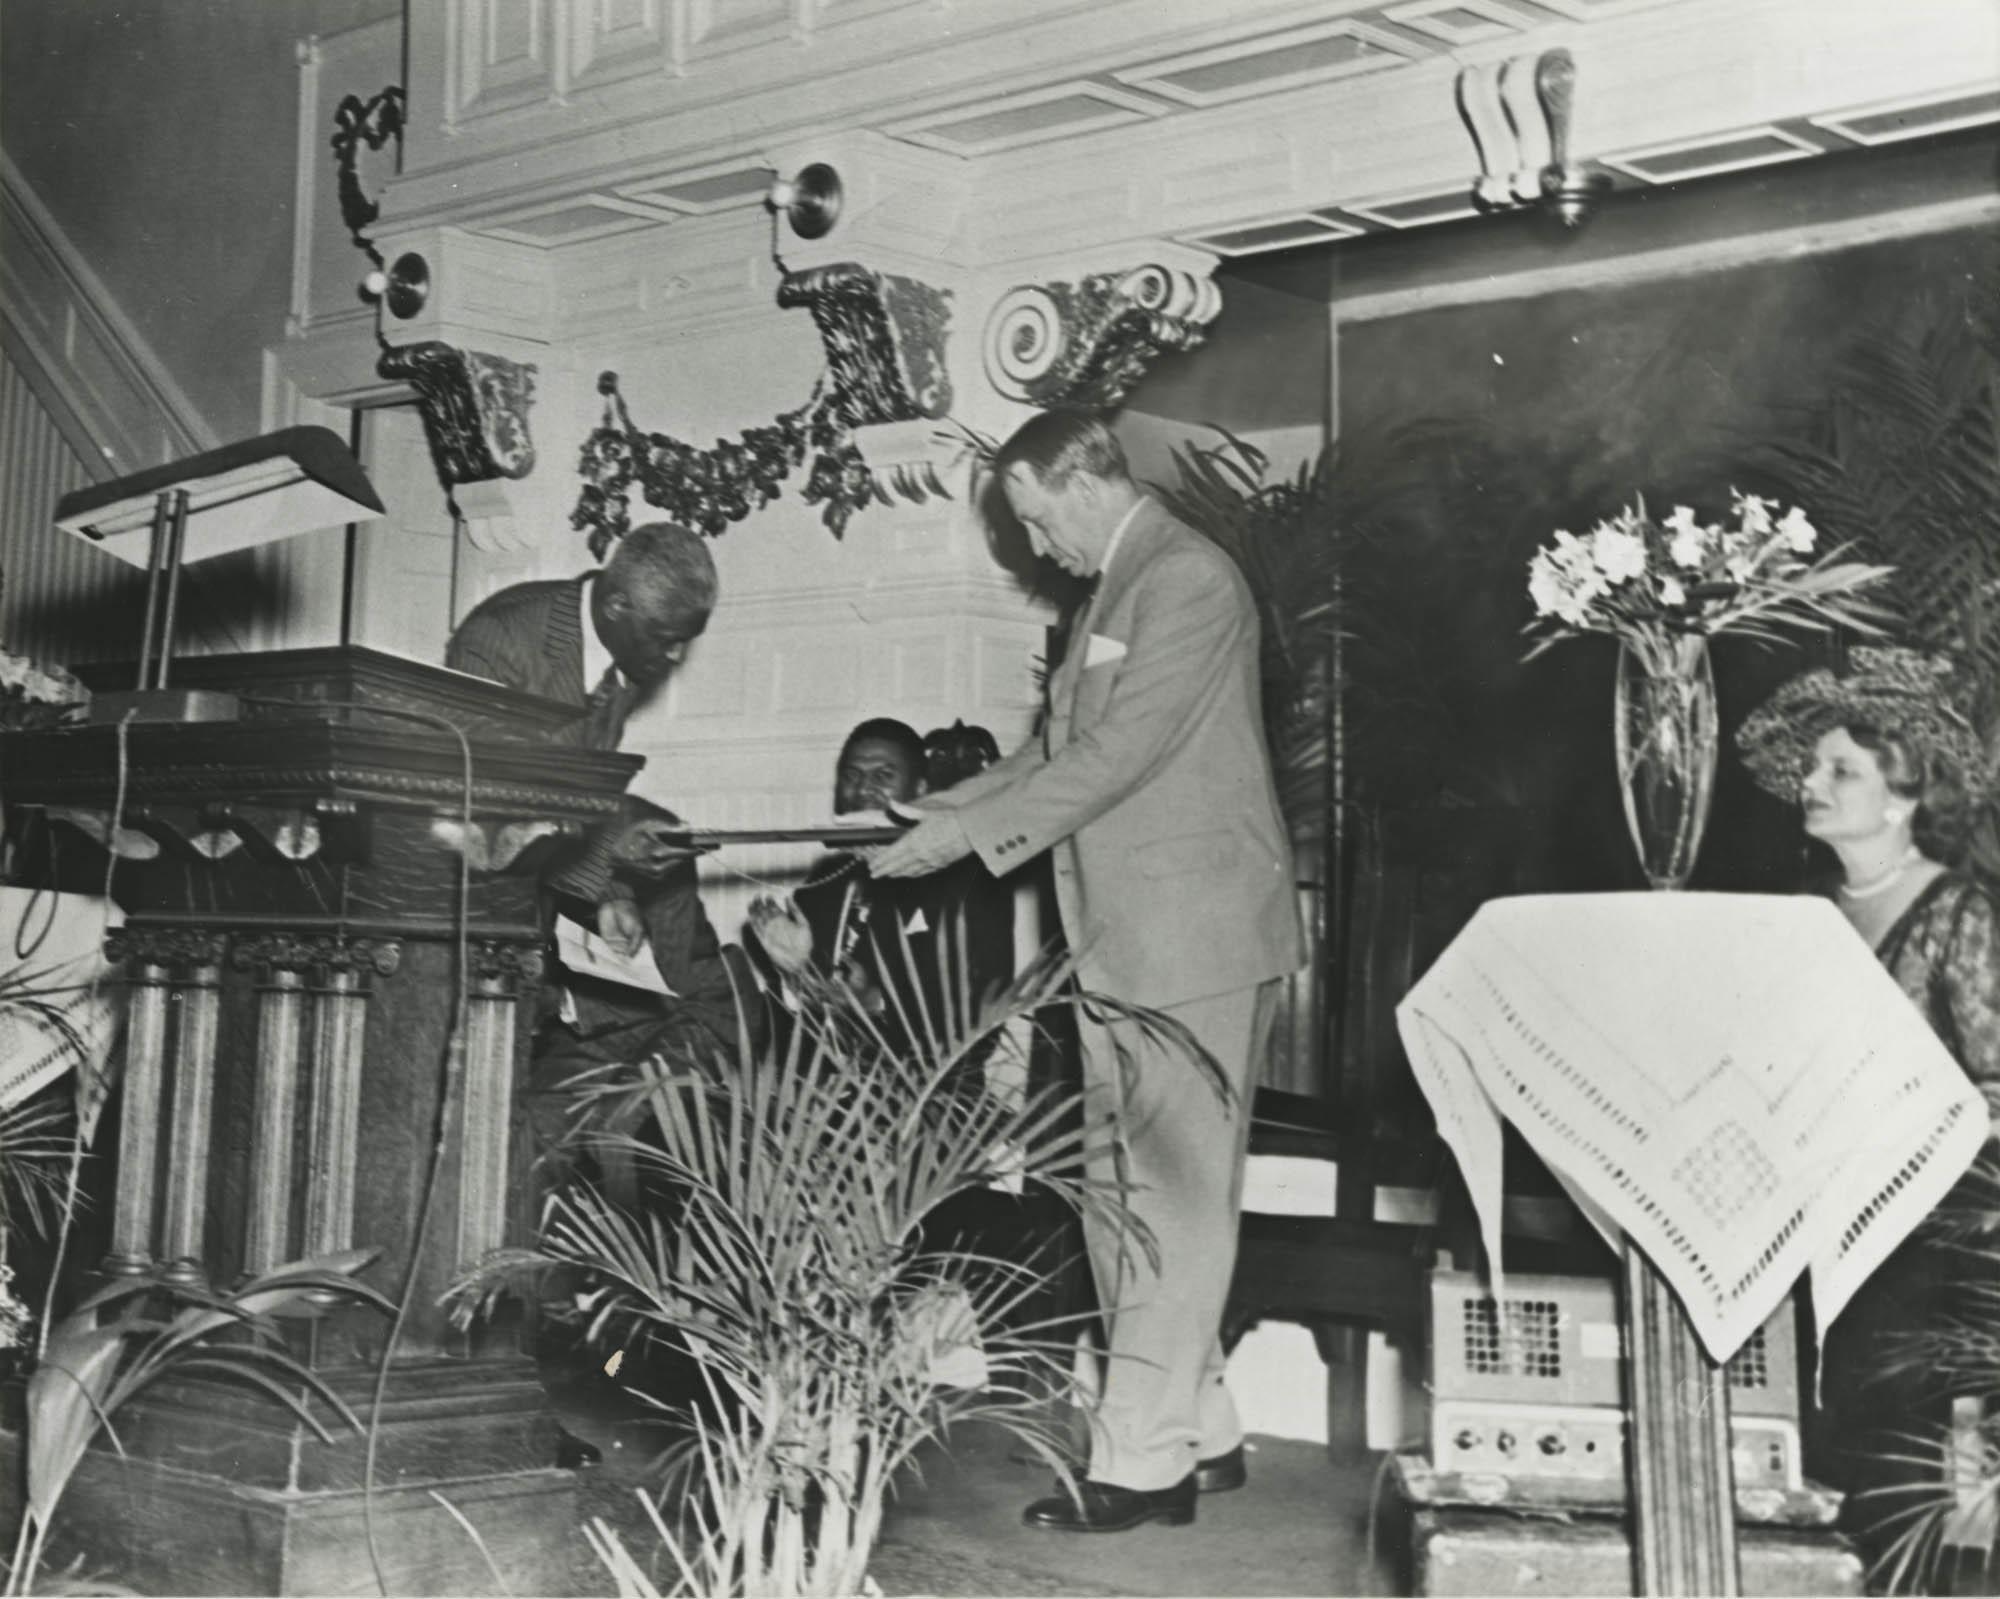 Photograph of Benjamin E. Mays and J. Waties Waring